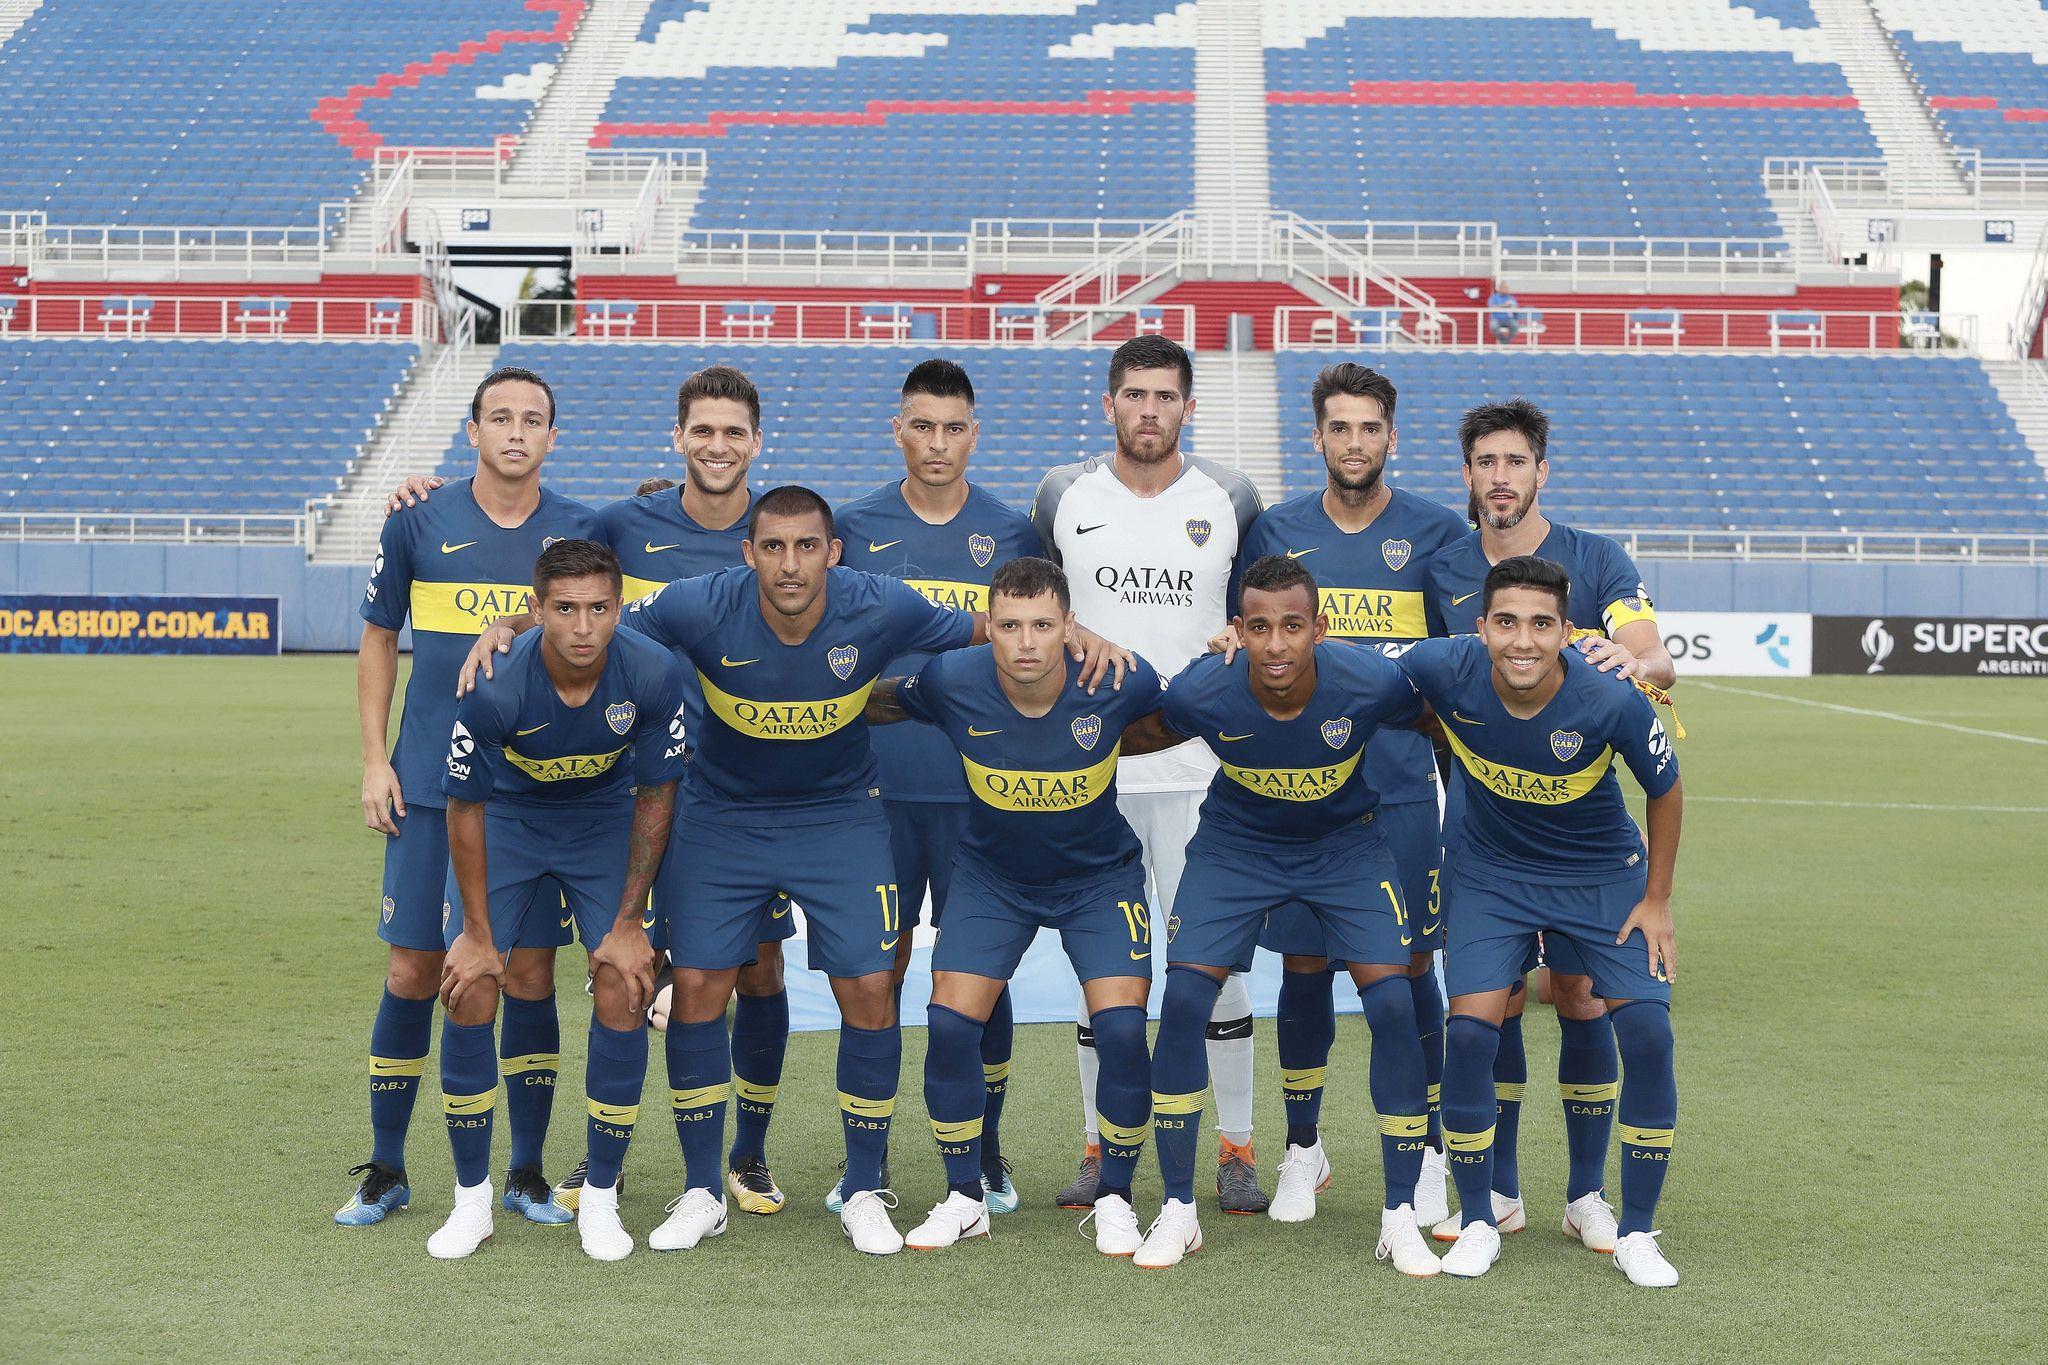 Agustín Almendra es el primero a la izquierda de la fila de abajo